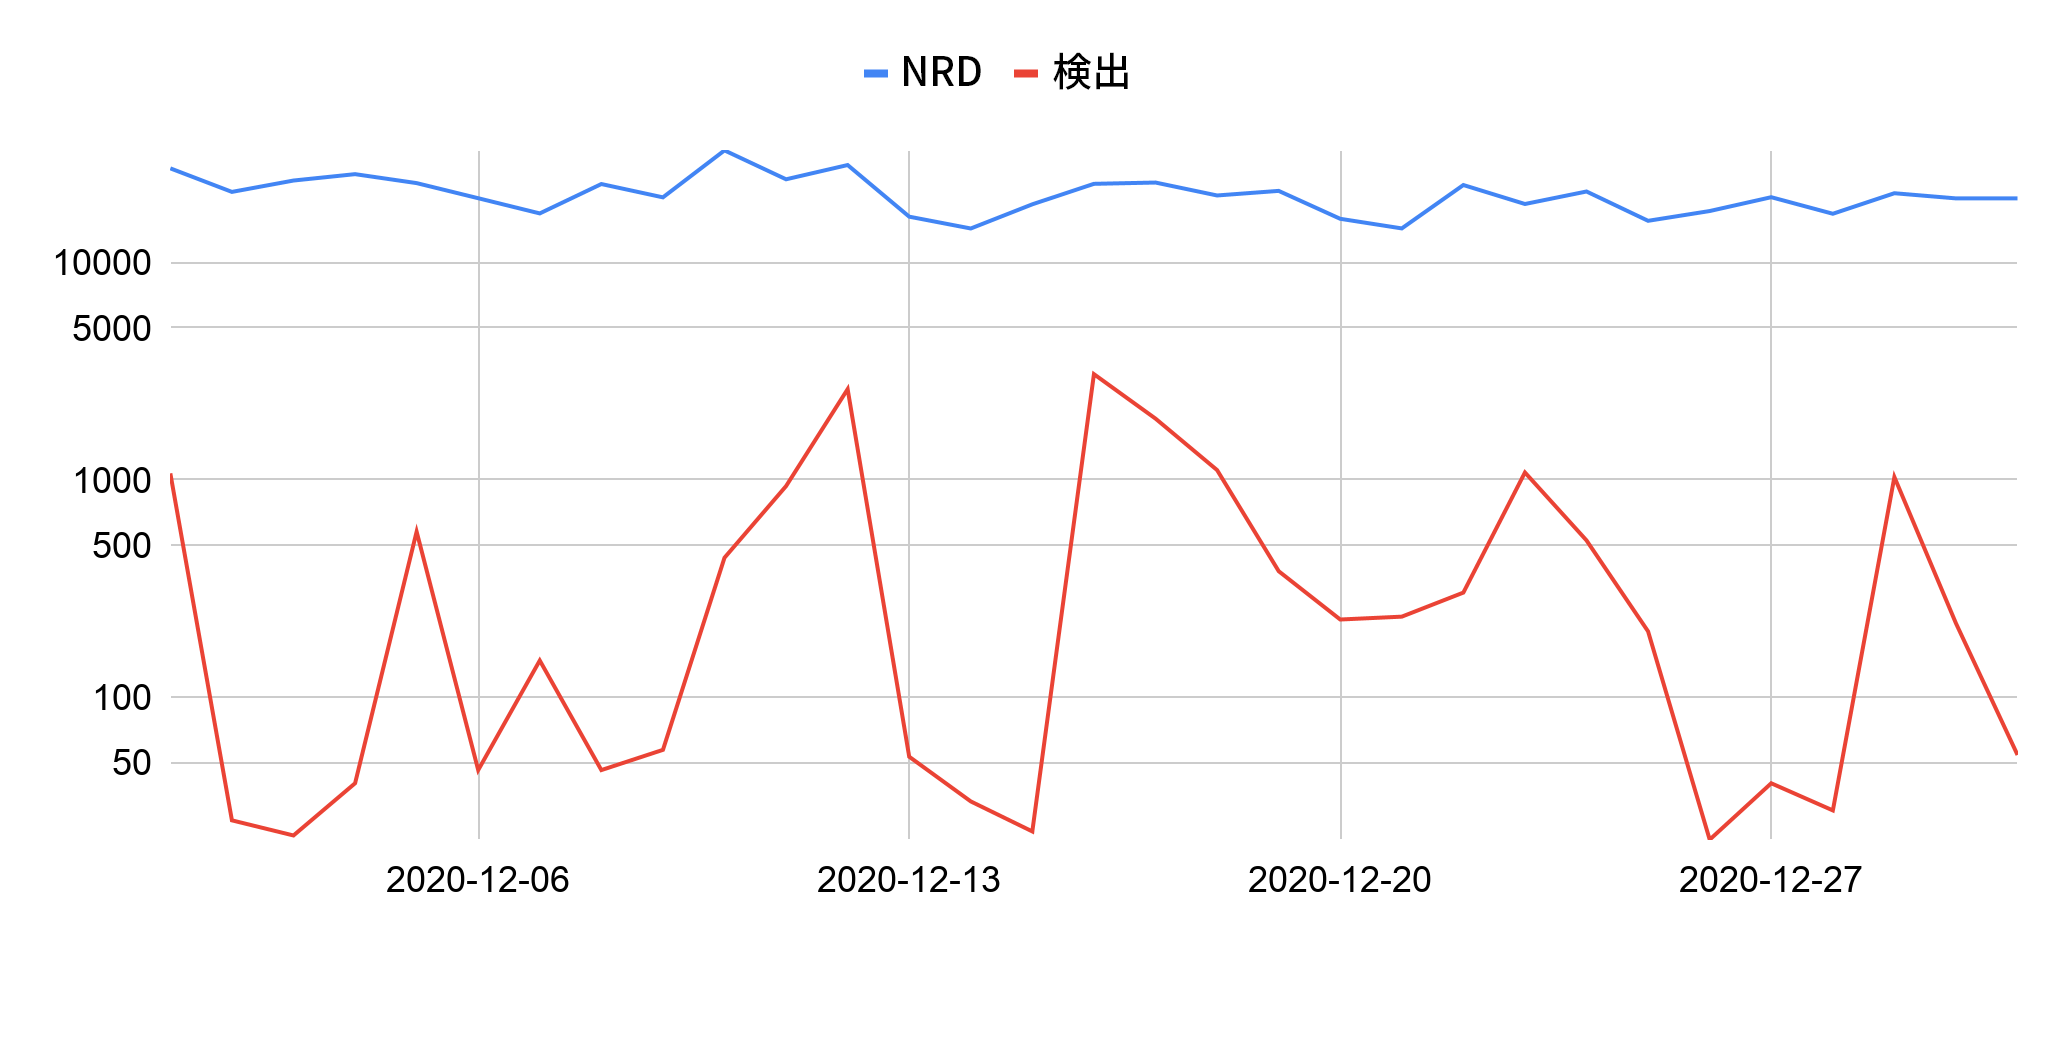 青い線は日々新しく登録されるドメインを示しており、赤い線は悪意のあるアクティビティの検出を示しています。